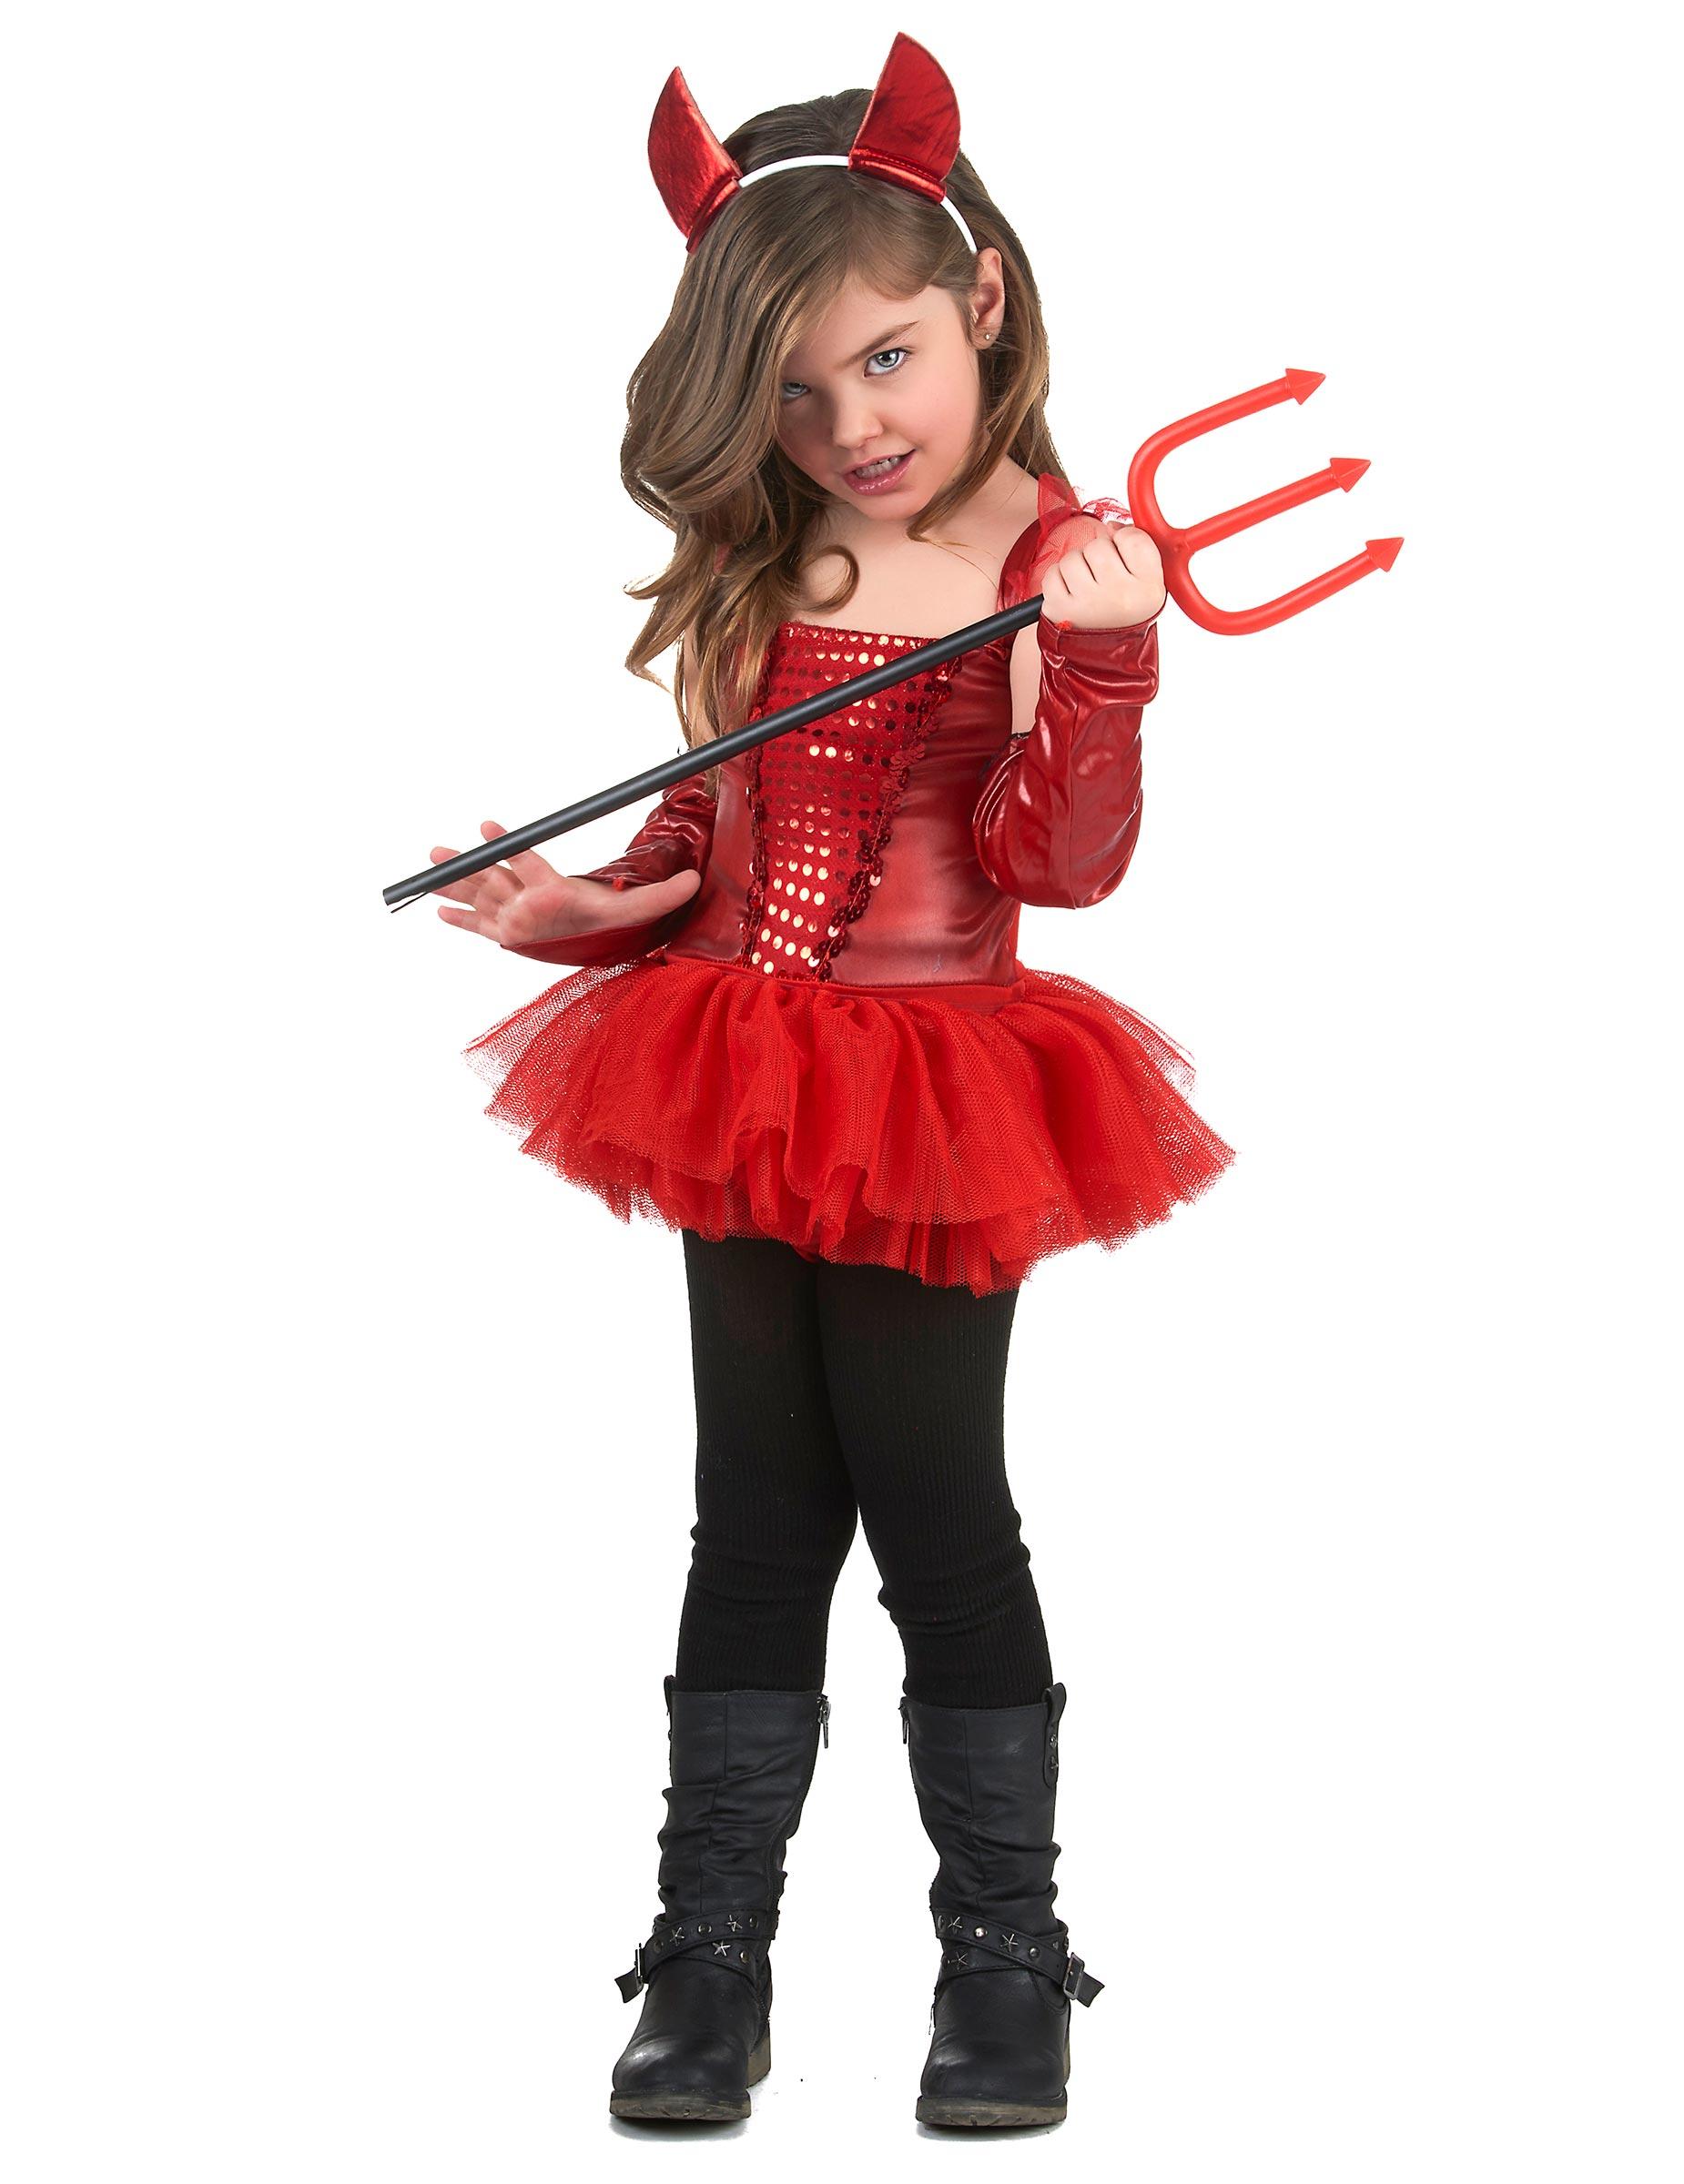 Costumi da diavolo per bambini e bambine - Vegaoo.it ca73de99847c